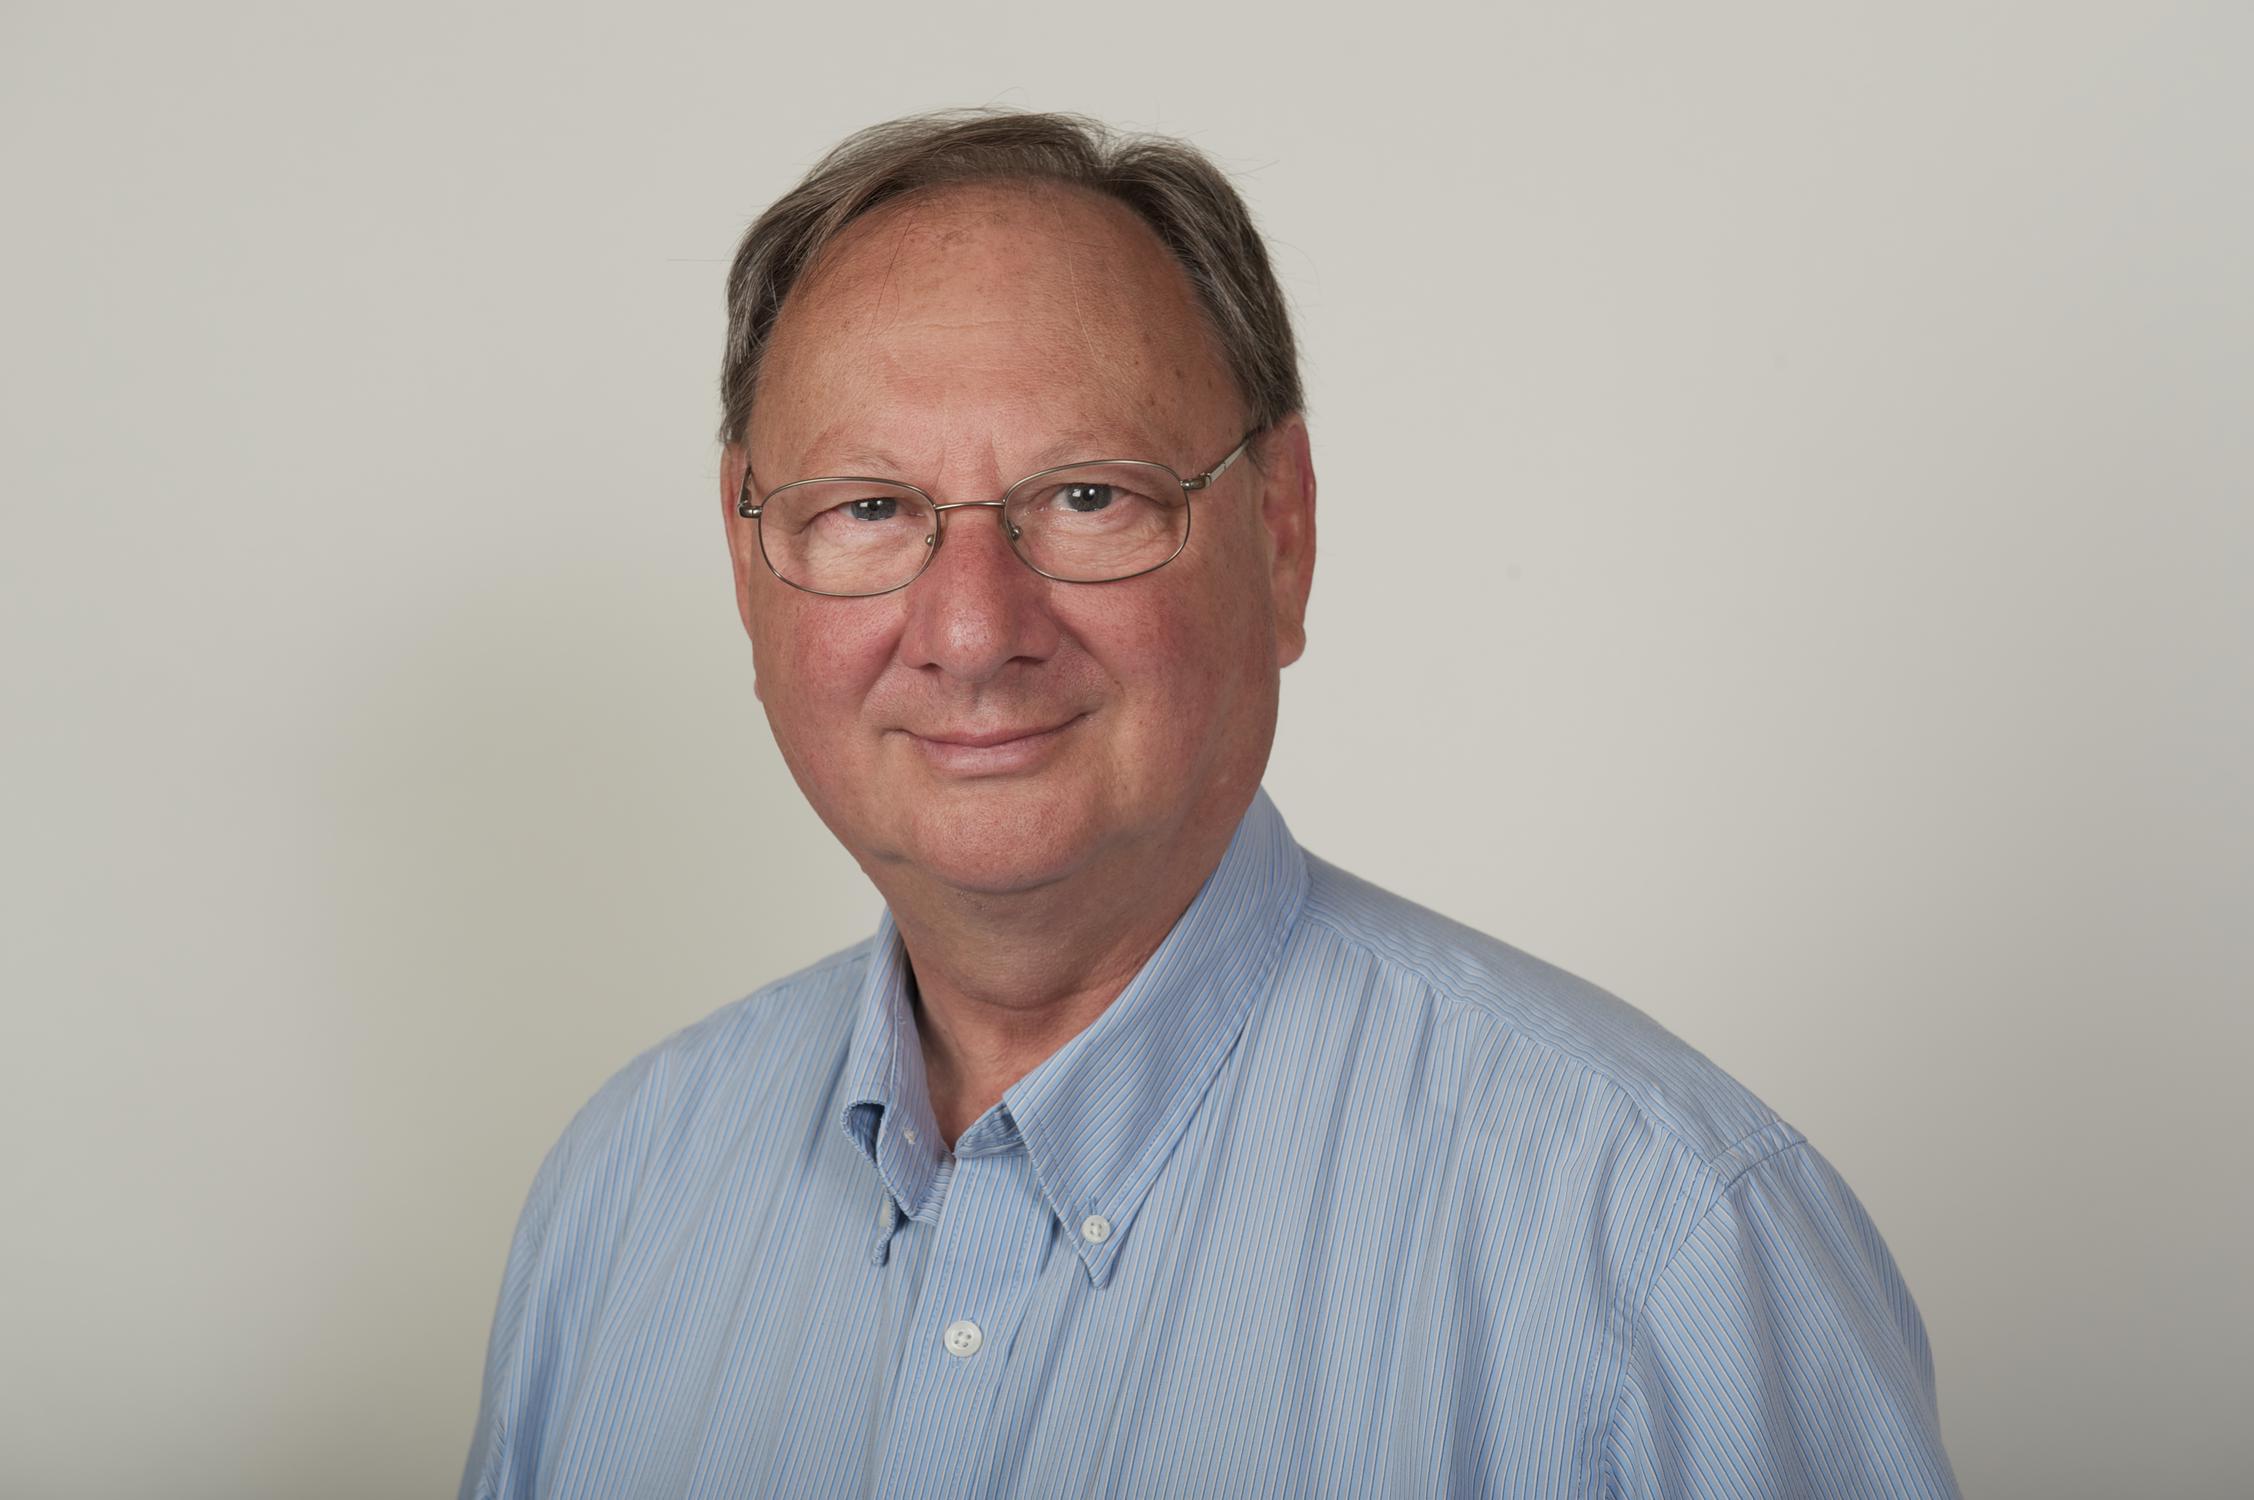 Paul Hagen sportswriter